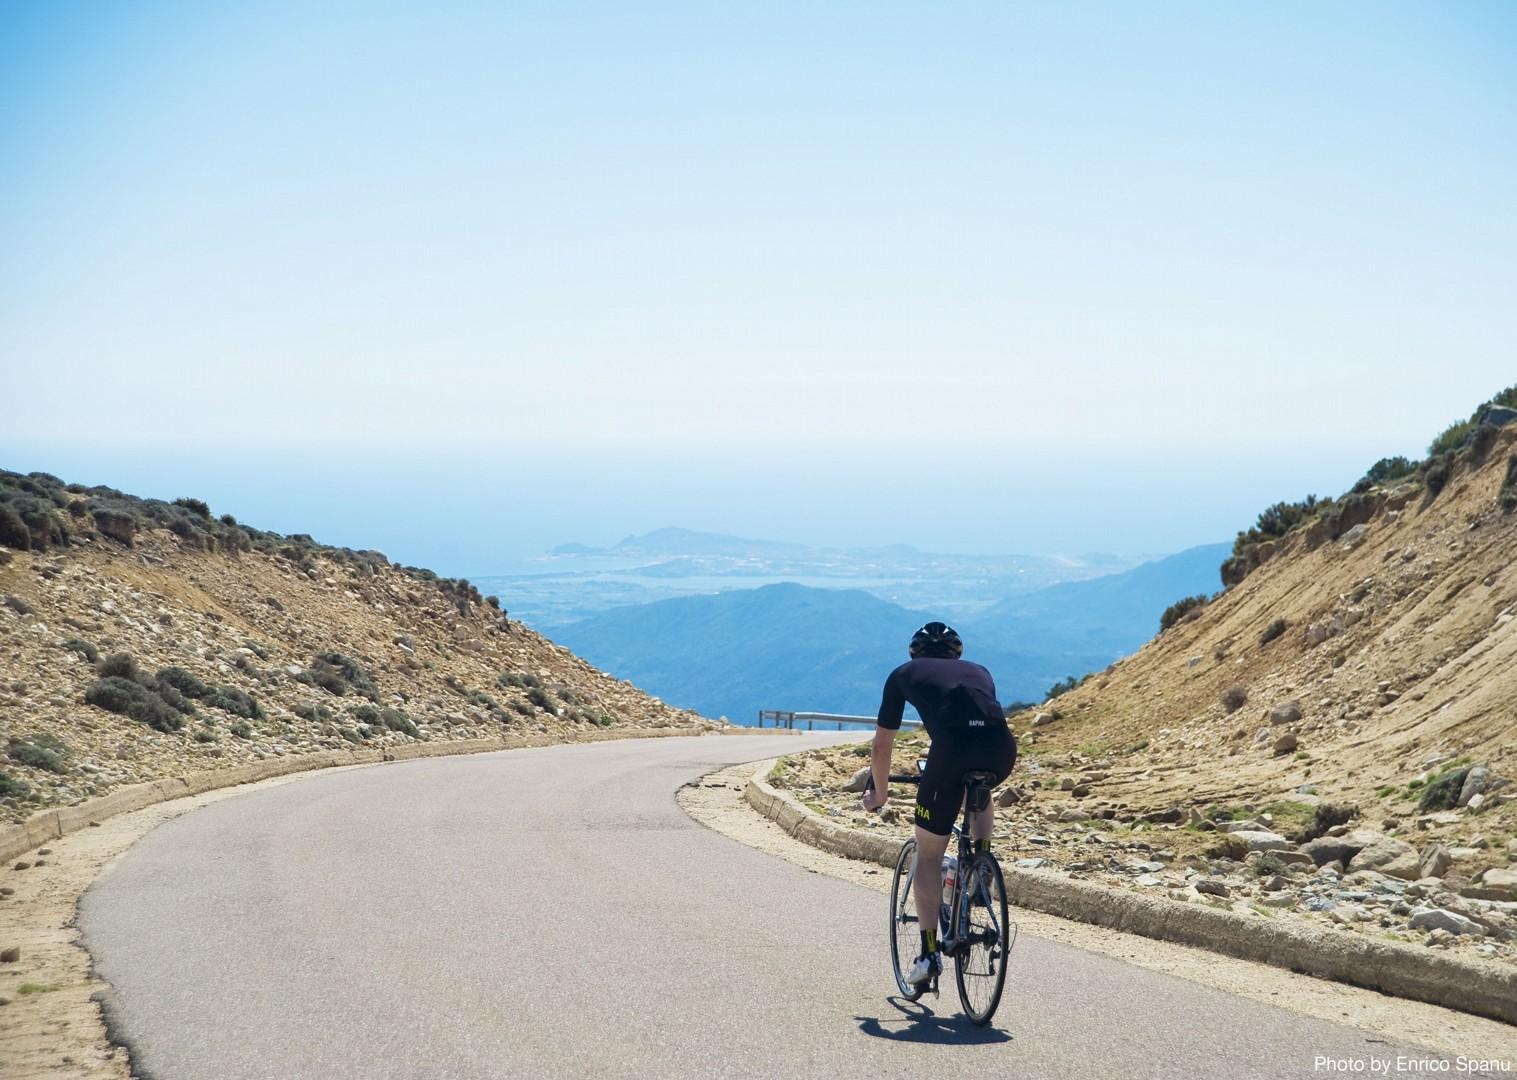 Guided-Road-Cycling-Holiday-Sardinia-Sardinian-Mountains-Tacchi-dOgliastra.jpg - Italy - Sardinia - Sardinian Mountains - Guided Road Cycling Holiday - Road Cycling